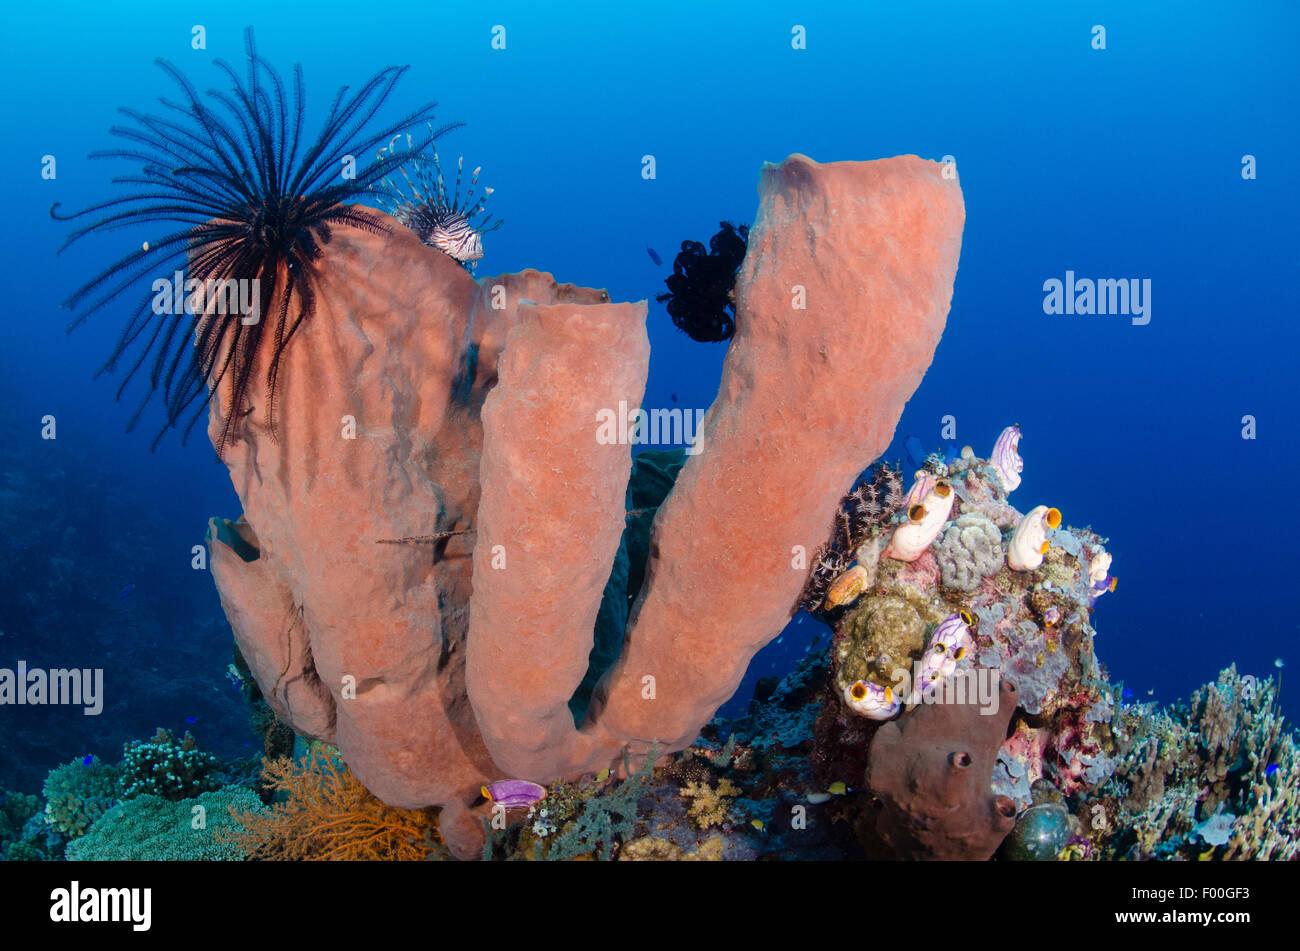 A lionfish, Pterois volitans,  hides atop tube sponges, Porifera sp., Parigi Moutong, Tomini Bay, Central Sulawesi, Stock Photo